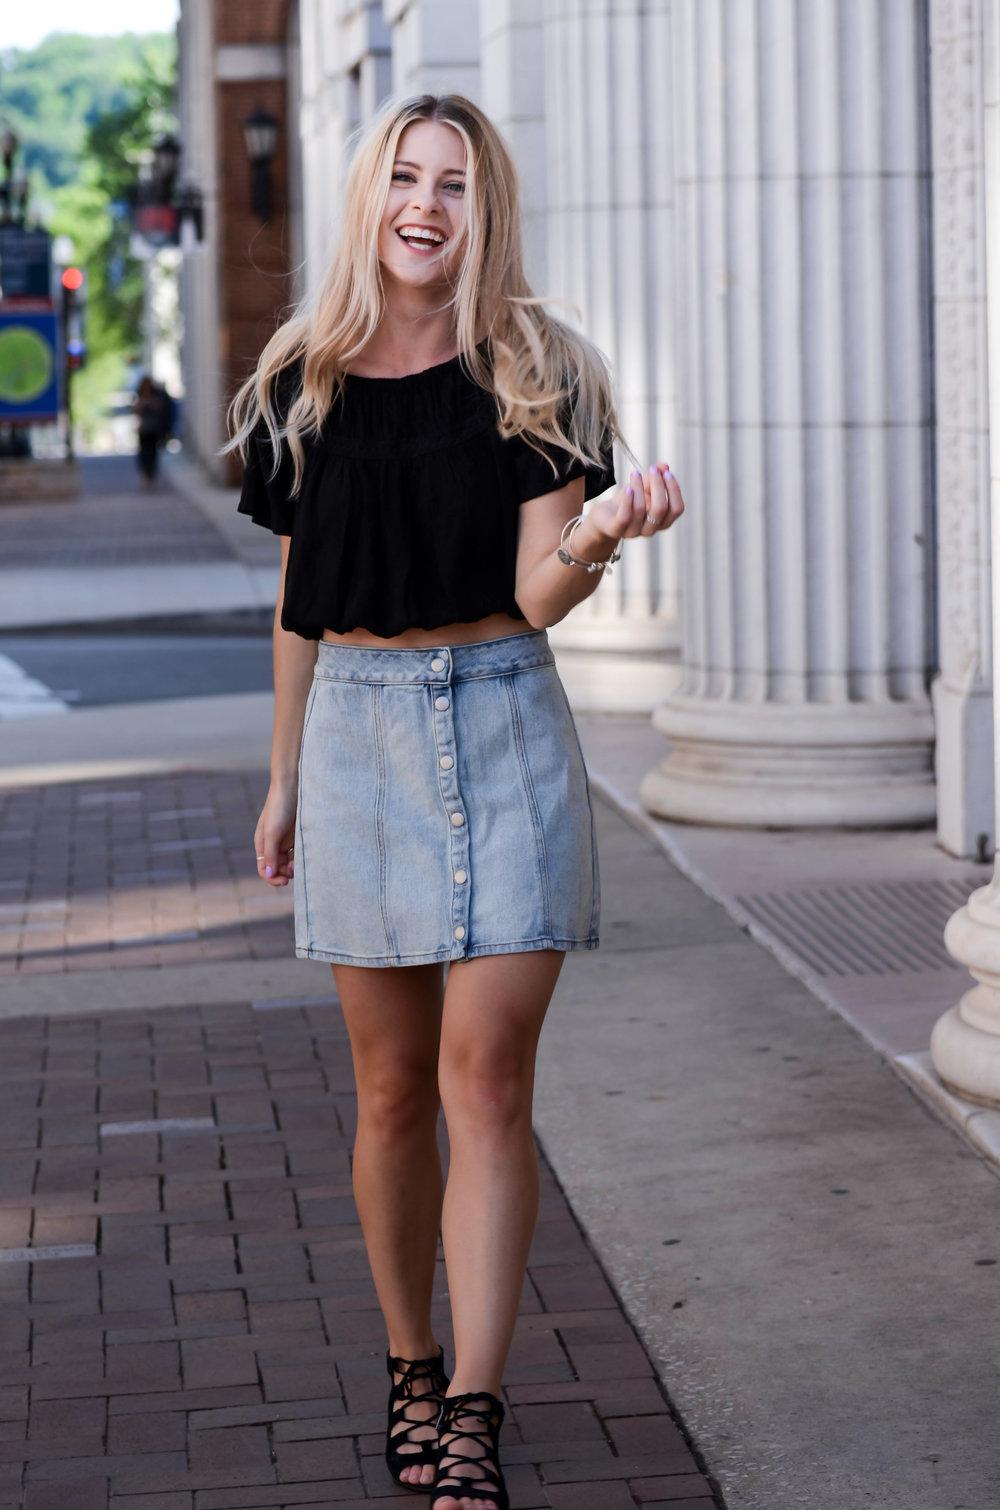 Denim Skirt Black Top-11.jpg